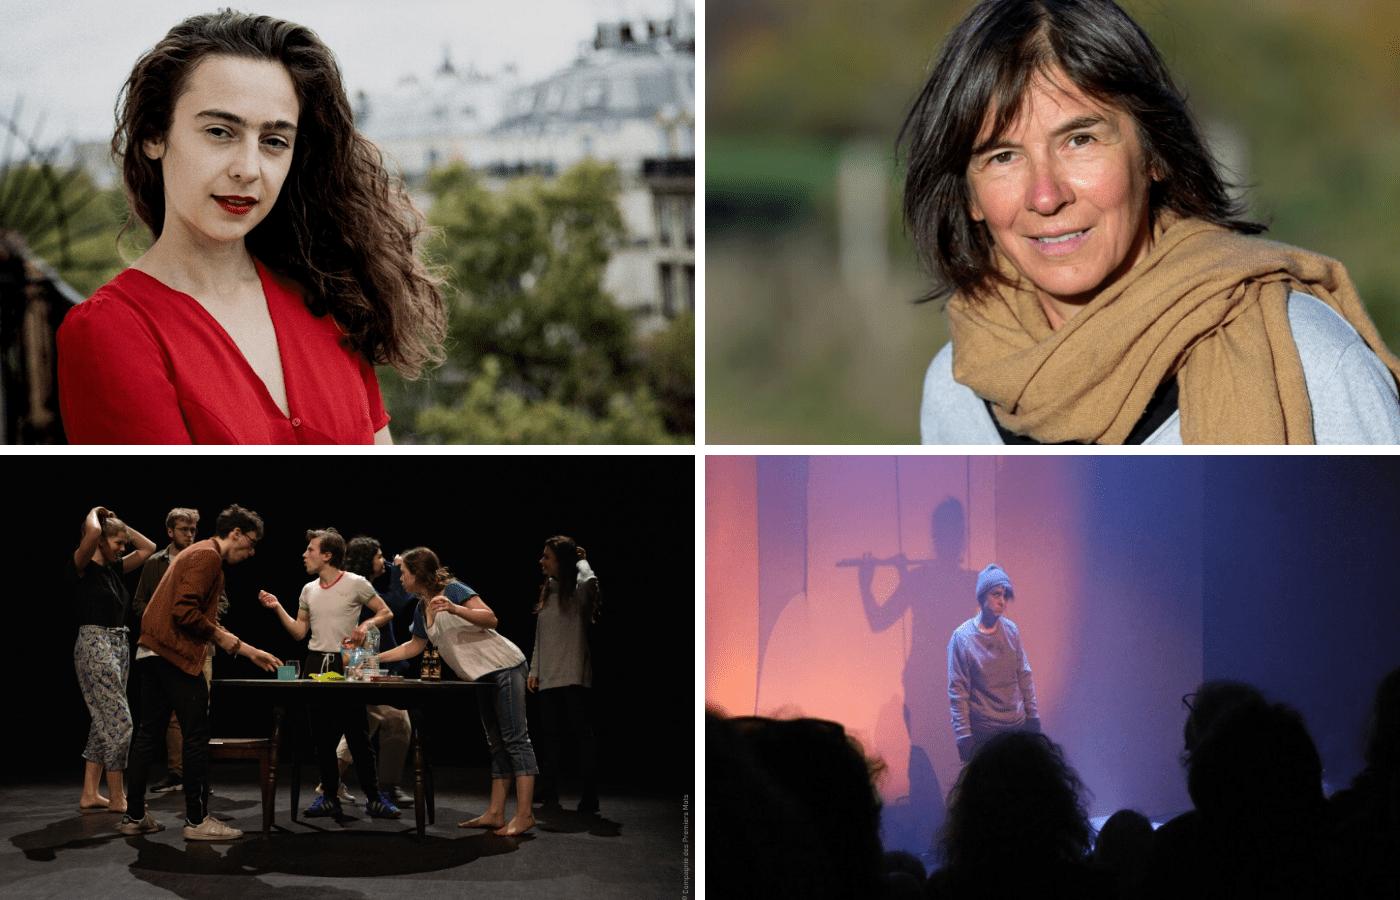 Les Soirées poétiques de la Factorie : La Cie des Premiers Mots / La Youle Cie / Zoé Besmond de Senneville / Violaine Bérot